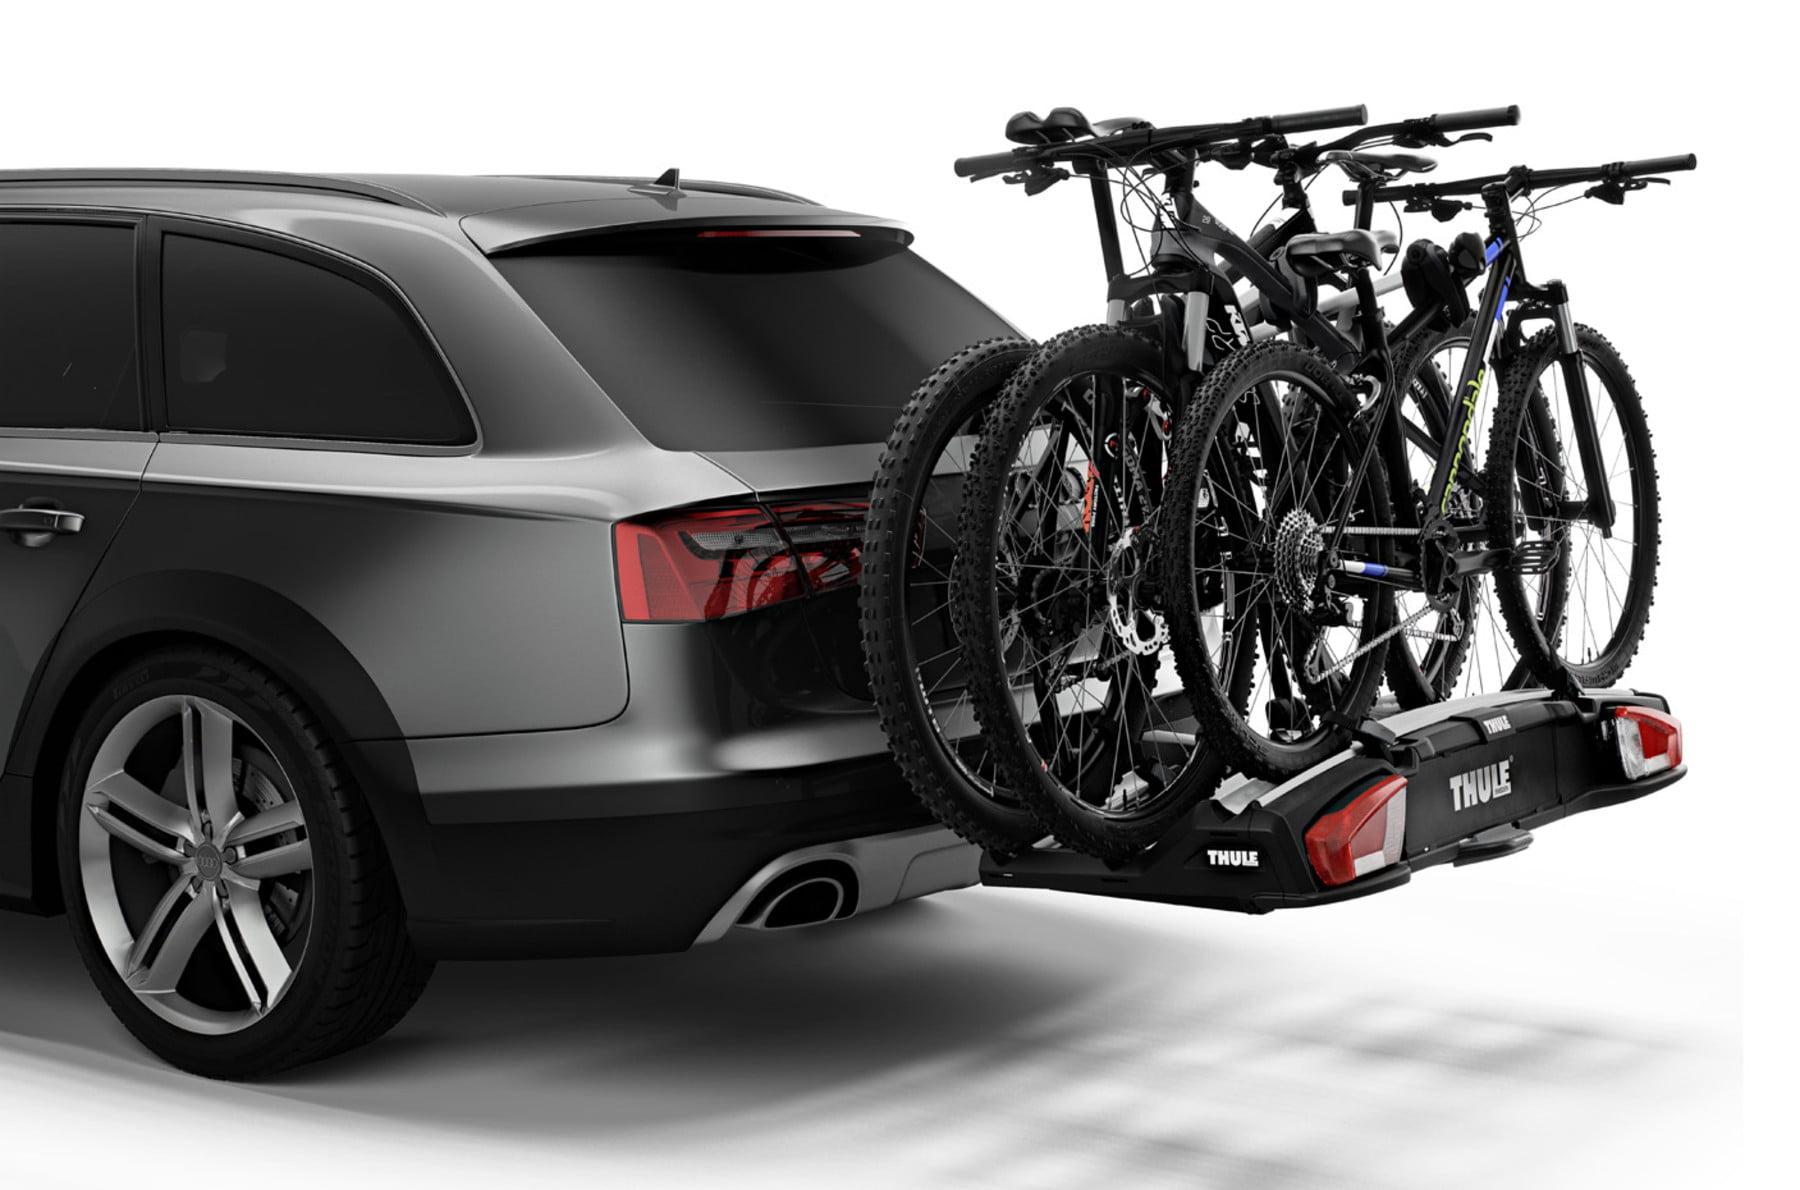 Suport pentru 3 biciclete Thule VeloSpace 939 XT3 cu prindere pe carligul de remorcare 2